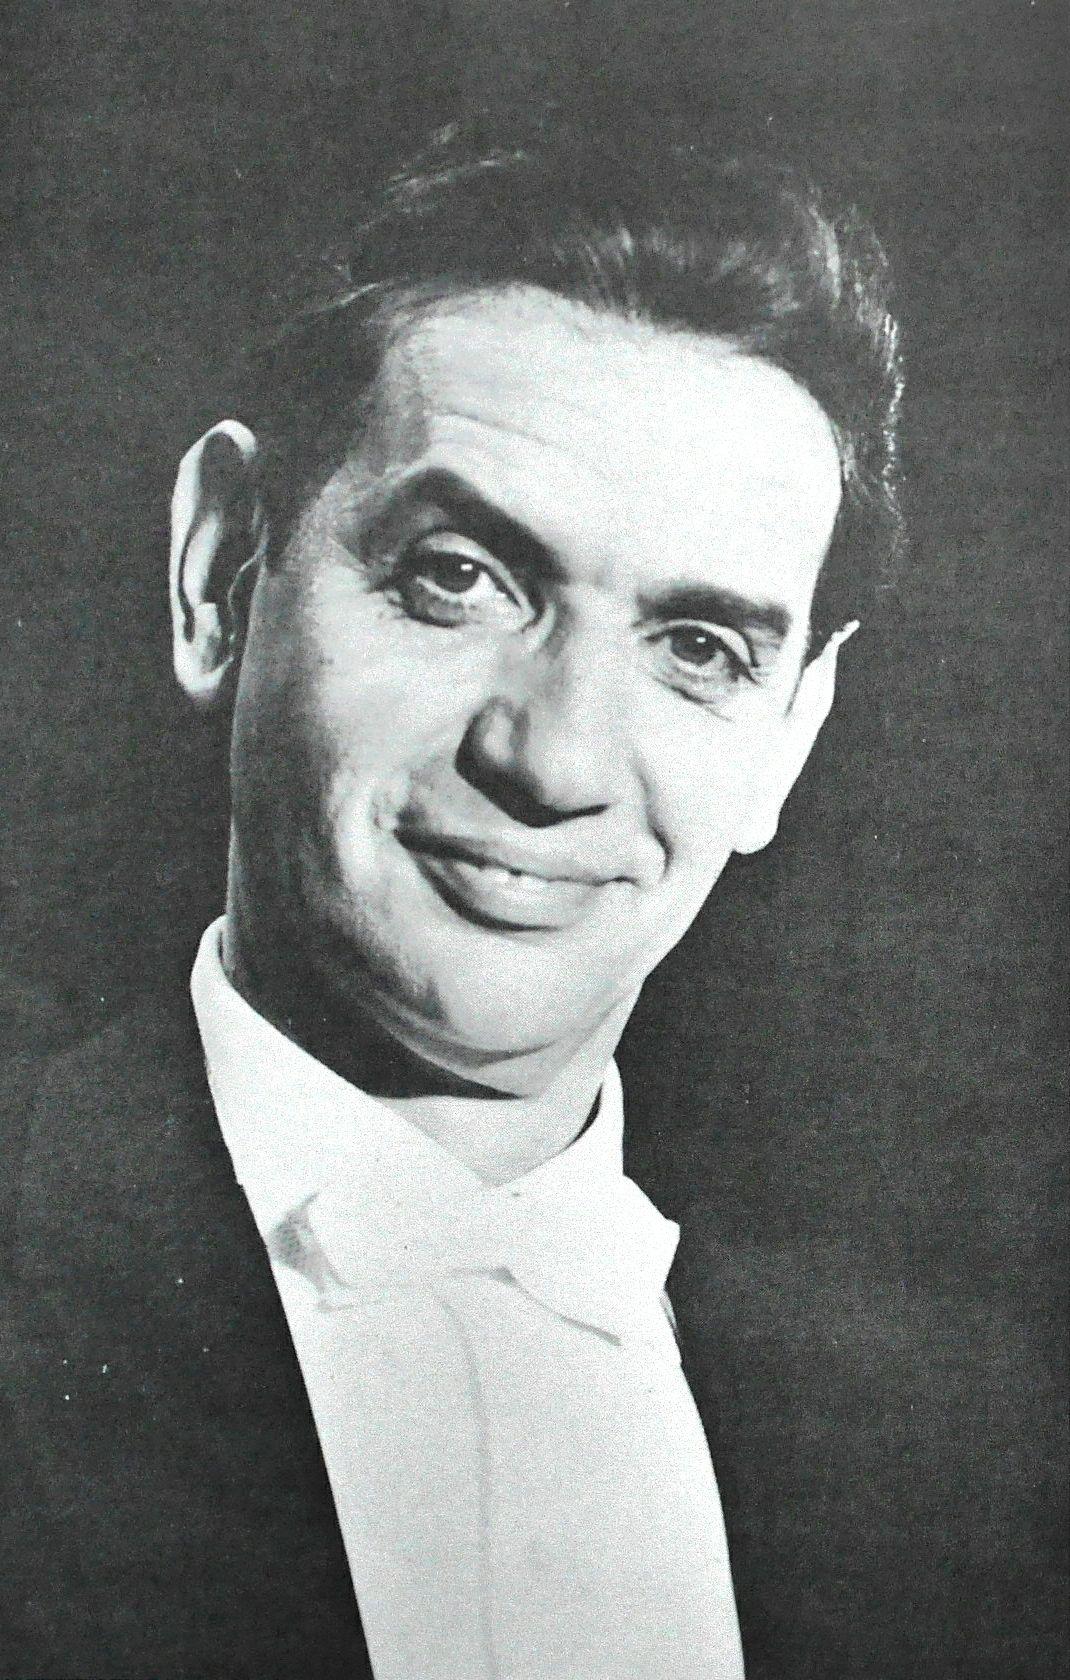 Heinz REHFUSS dans les années 1960